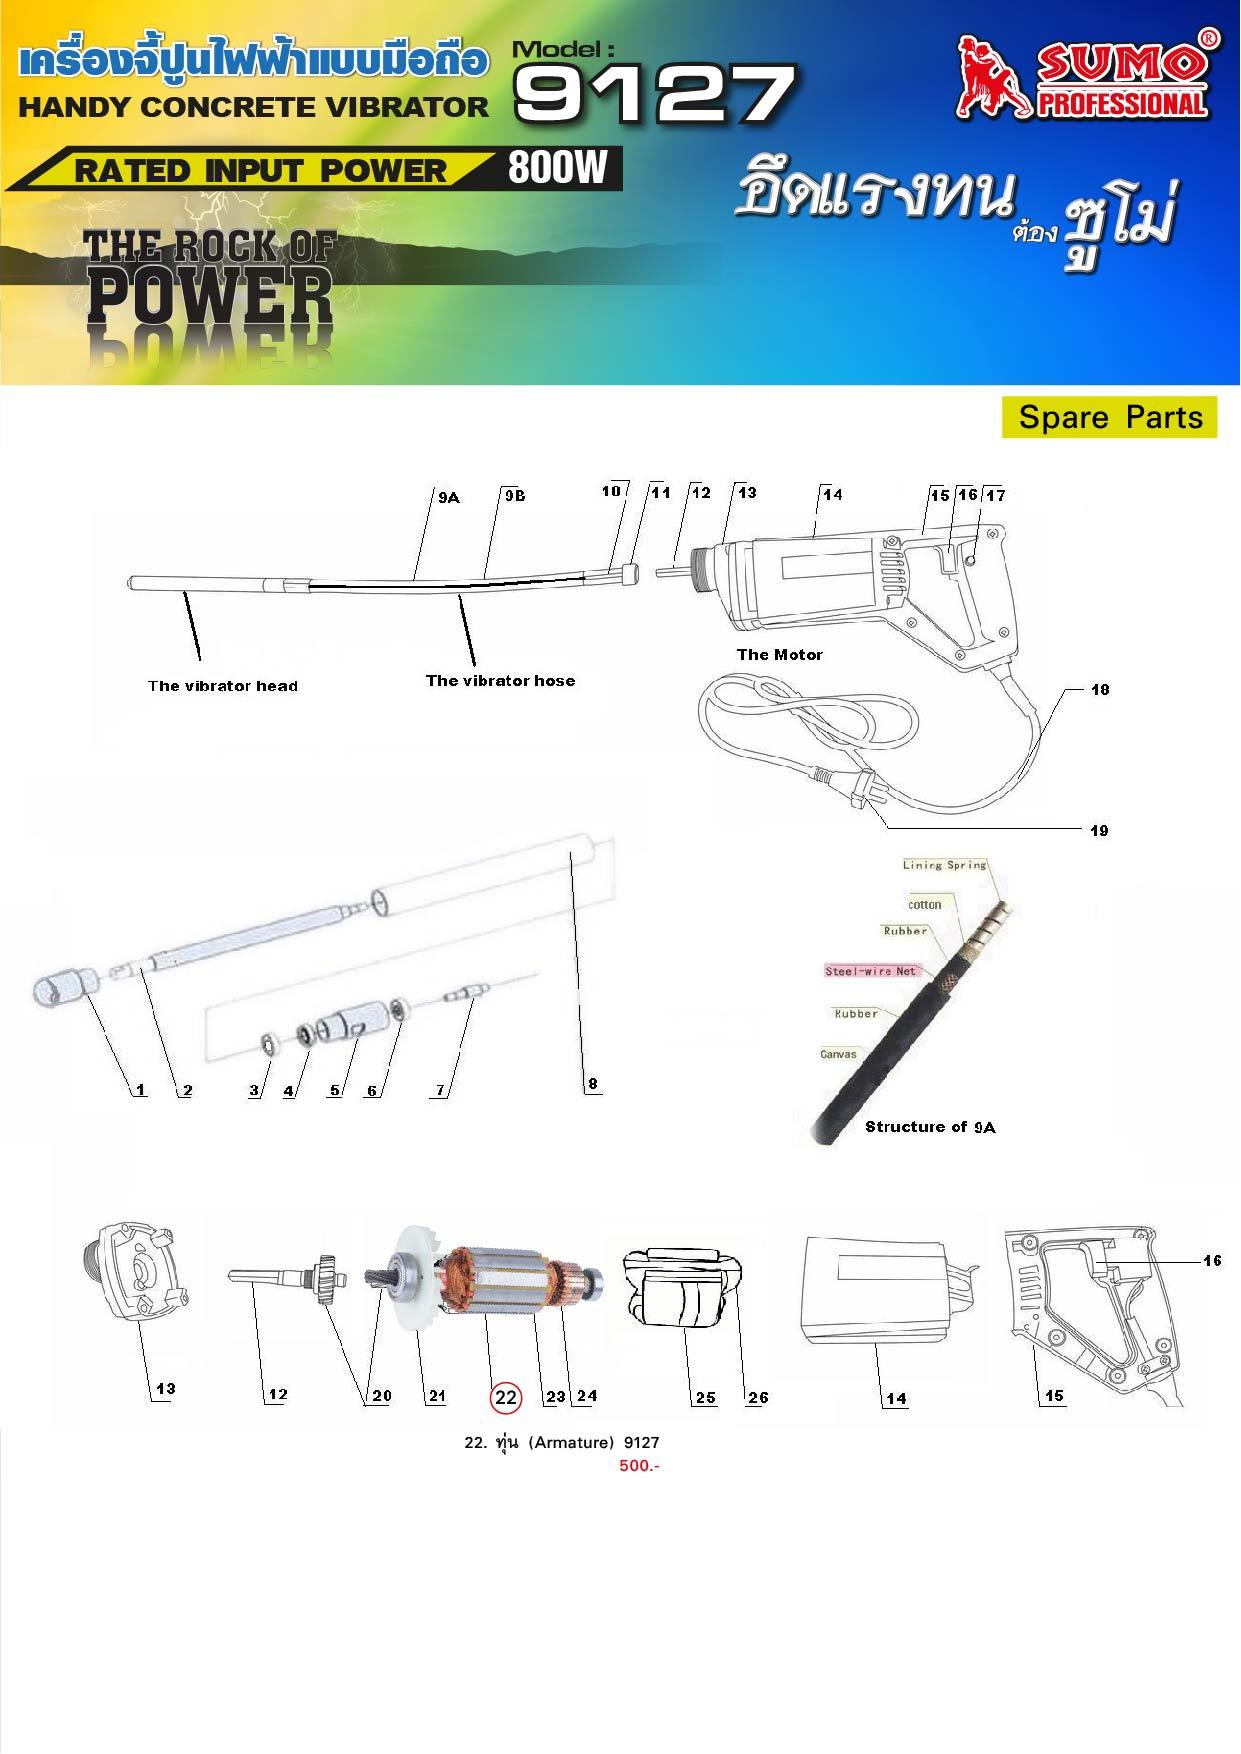 (107/313) เครื่องจี้ปูนไฟฟ้า 9127